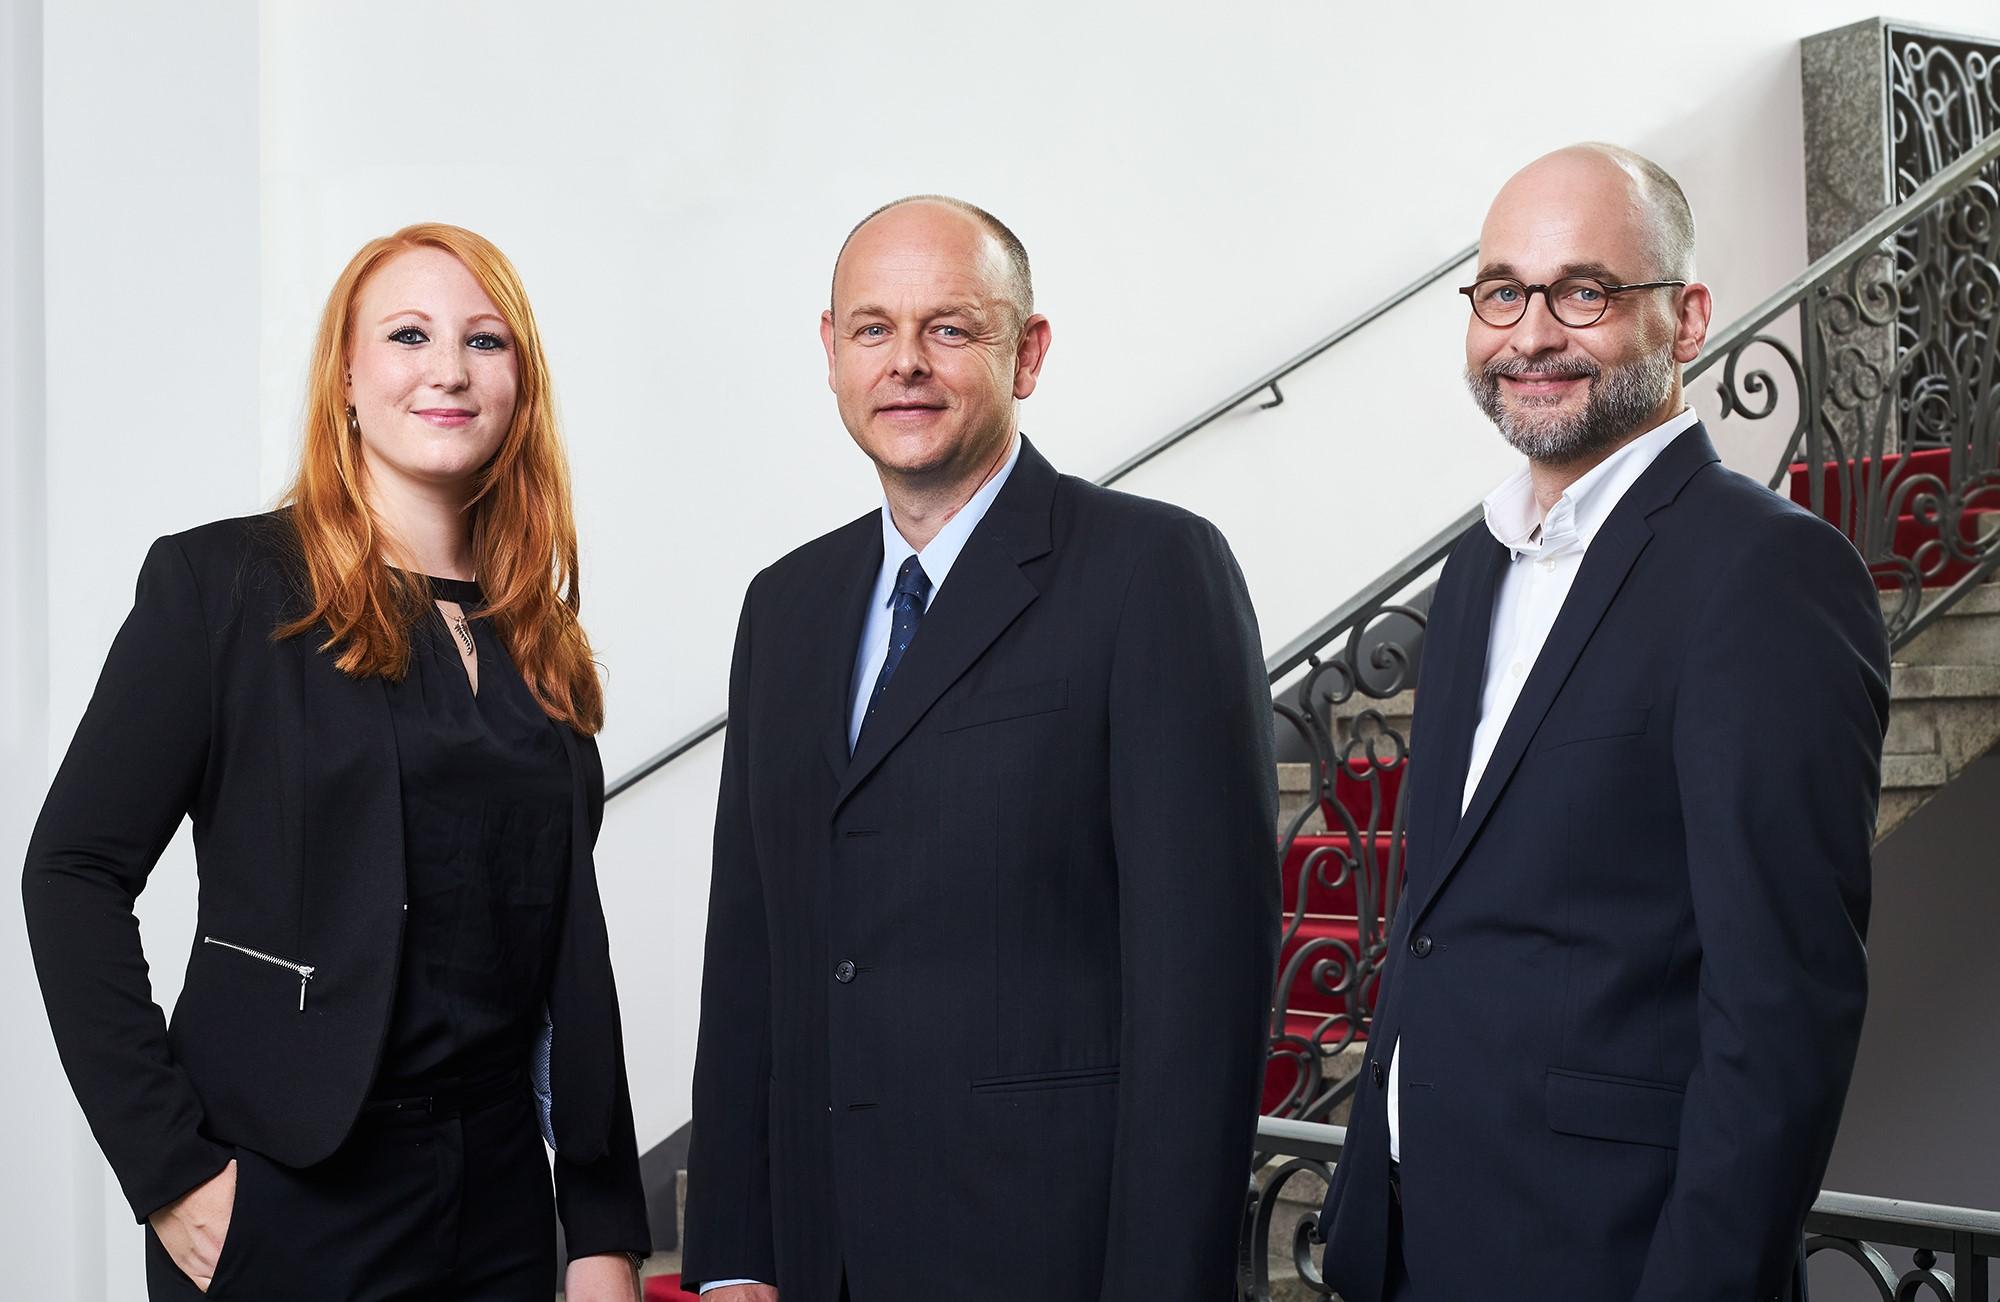 Rechtsanwälte / Fachanwälte für Arbeitsrecht in Aachen